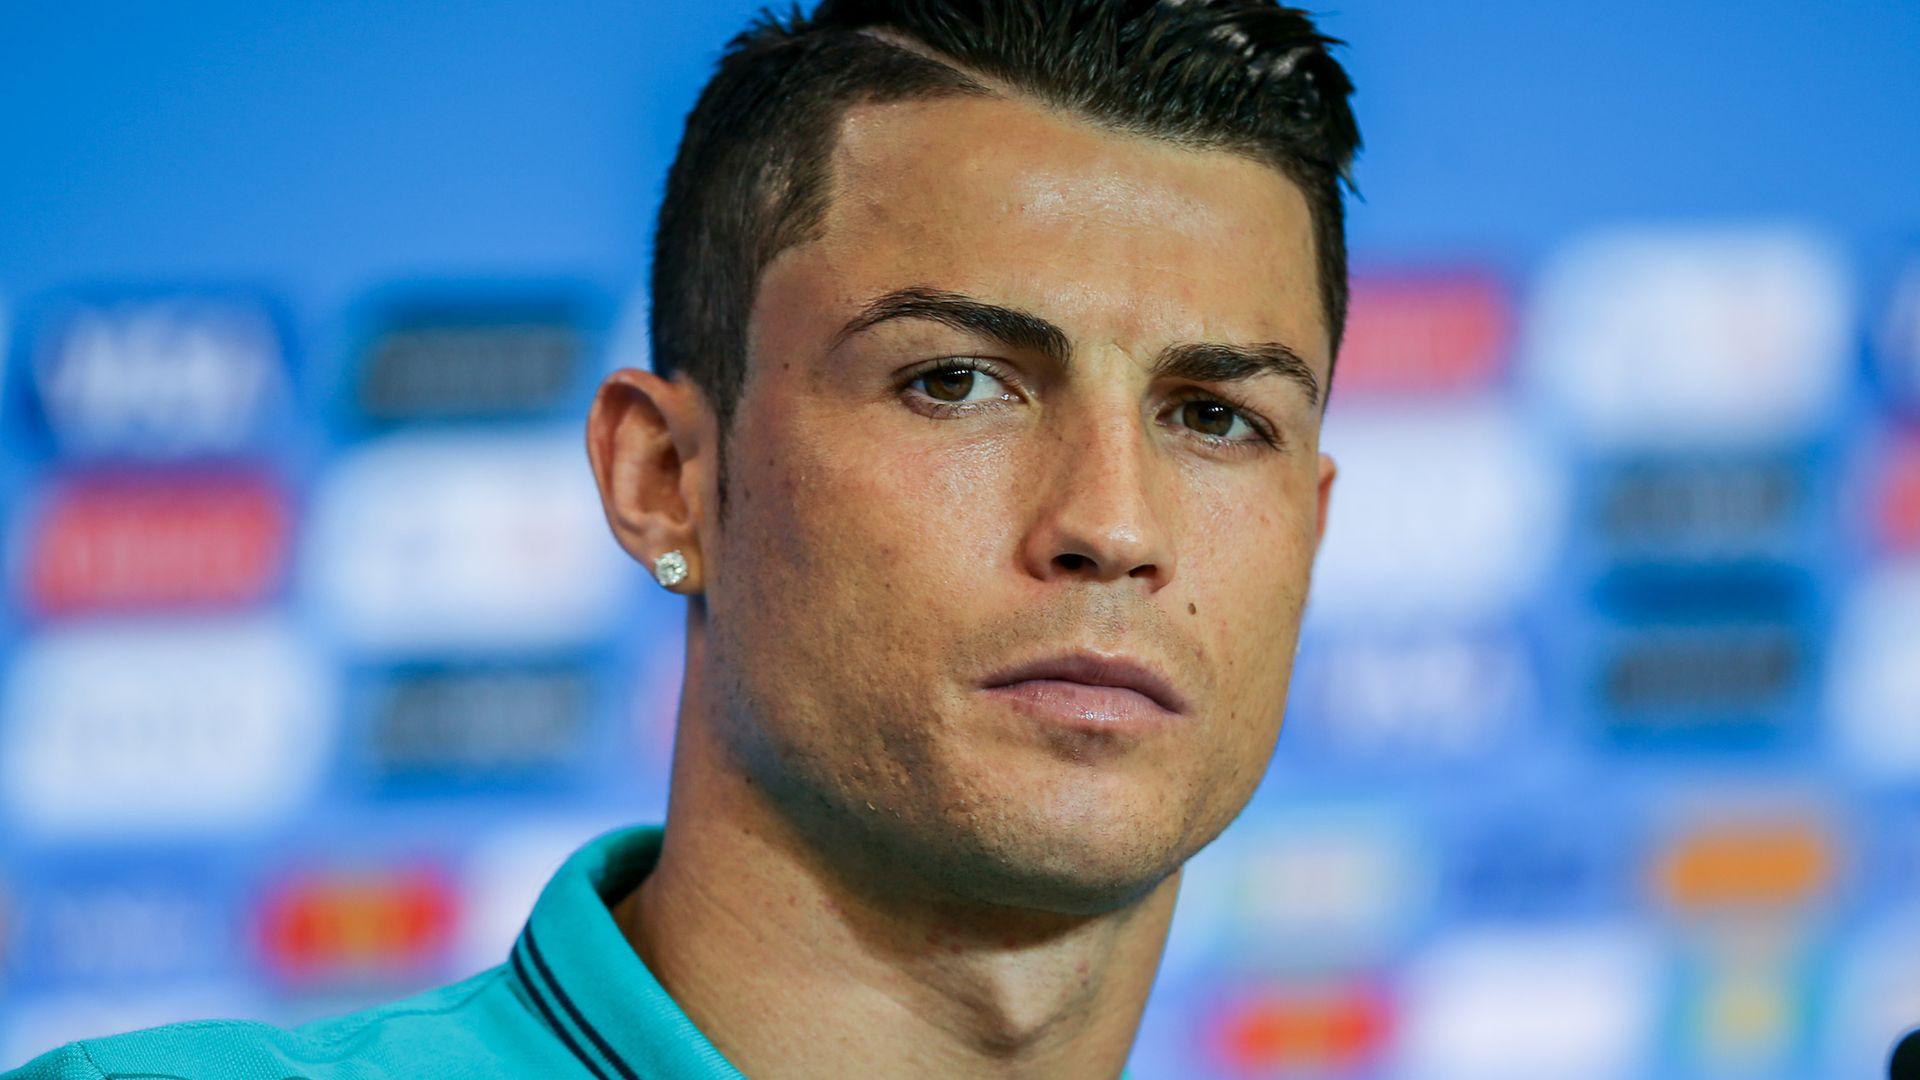 Ronaldo Frisur 2015 Nachmachen Finden Sie Die Beste Frisur